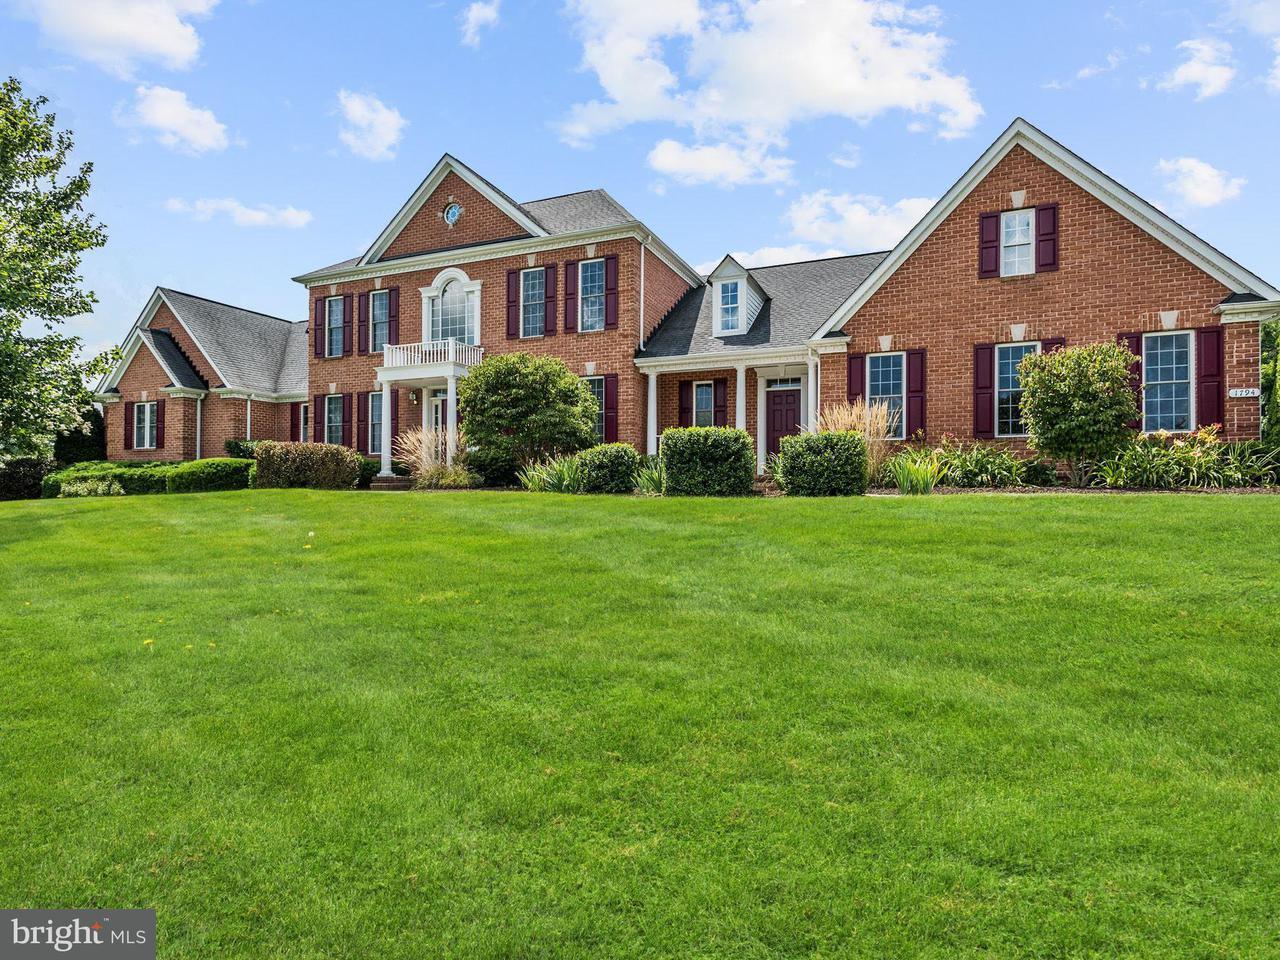 独户住宅 为 销售 在 1794 BROOKSHIRE Court 1794 BROOKSHIRE Court Finksburg, 马里兰州 21048 美国